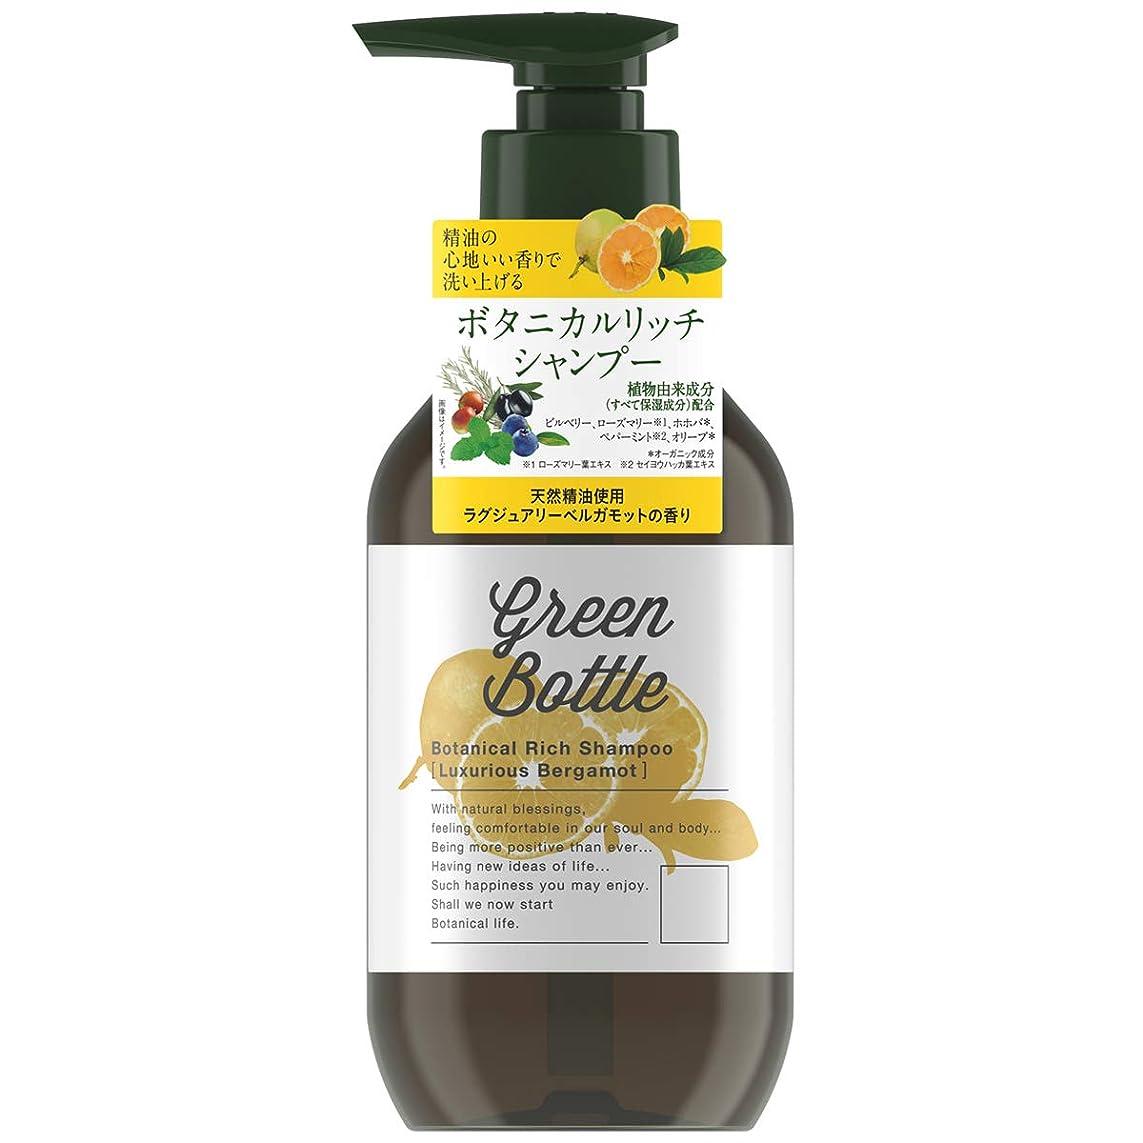 効果グローバル方言グリーンボトルボタニカルリッチシャンプー(ラグジュアリーベルガモットの香り) 490ml